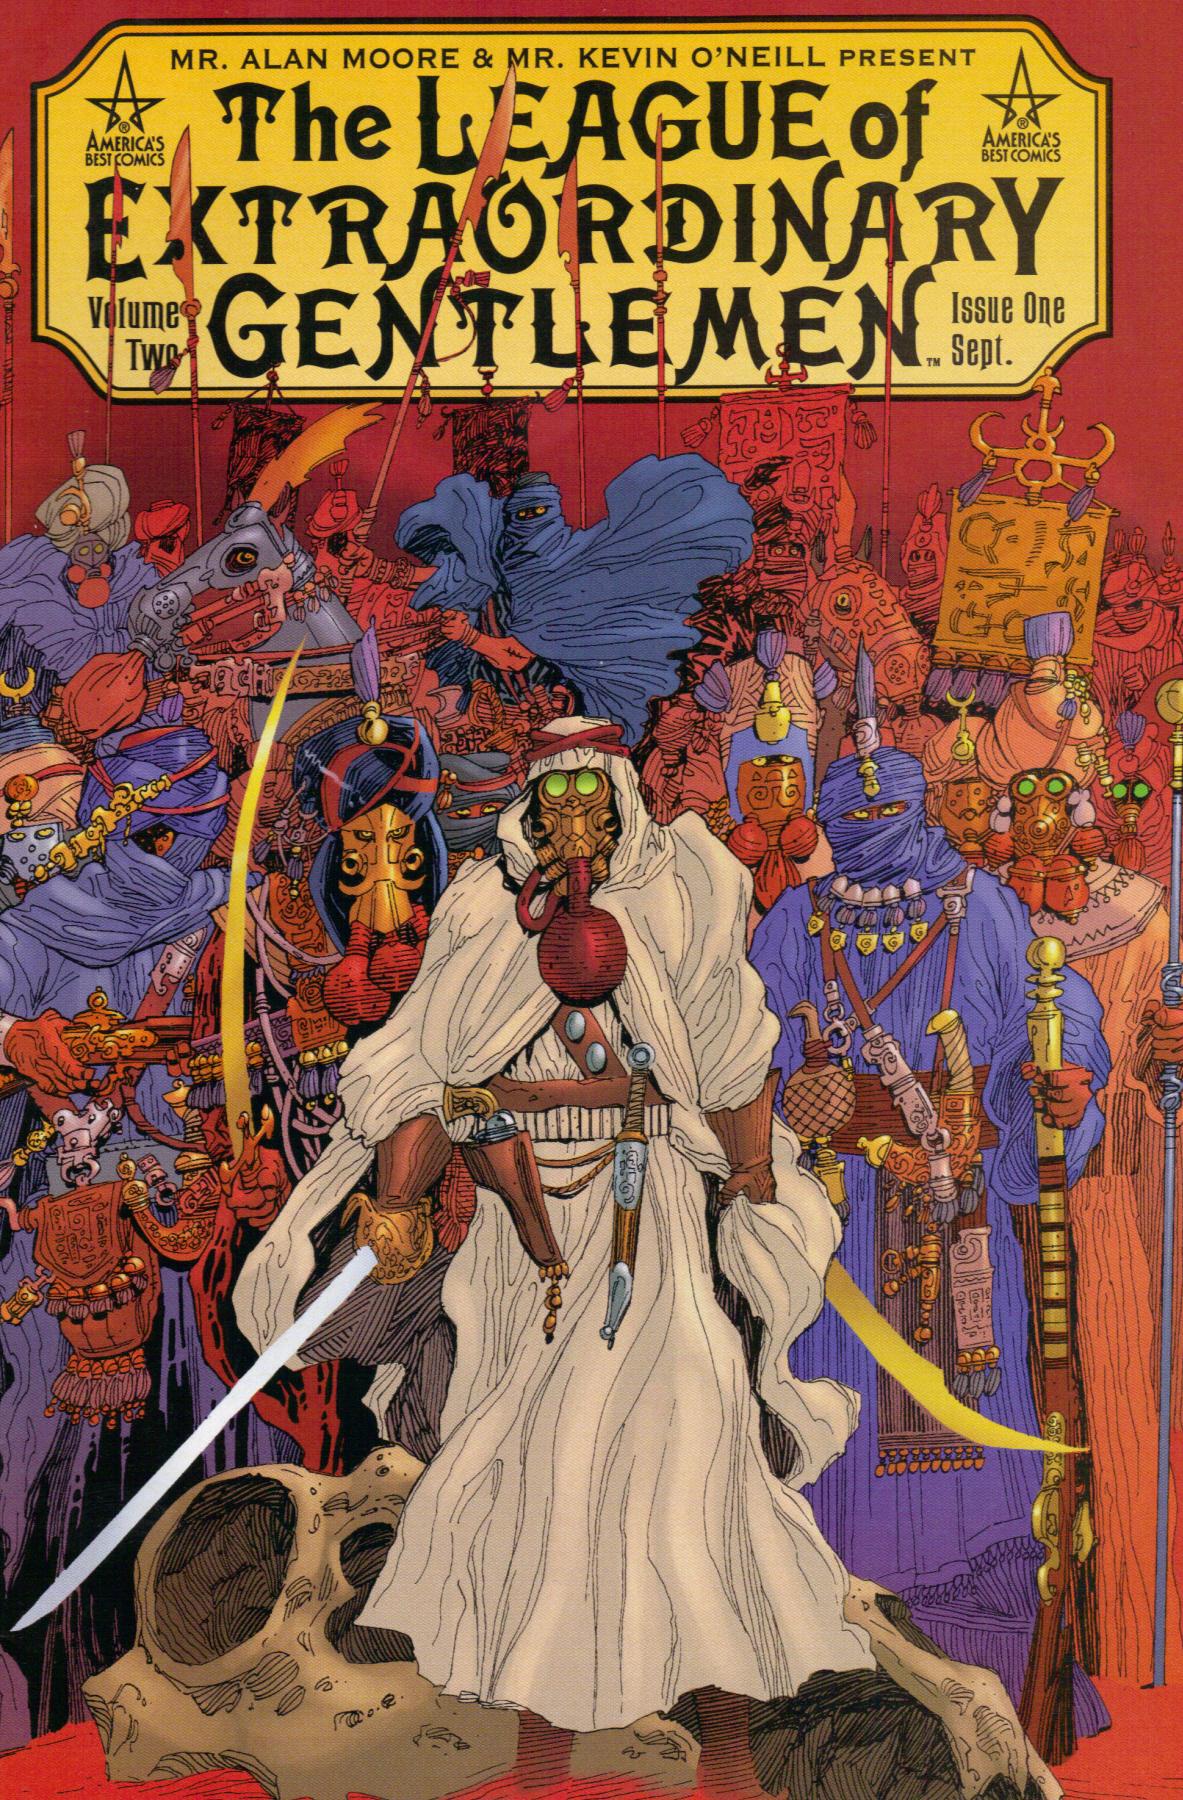 Image result for league of extraordinary gentlemen 2